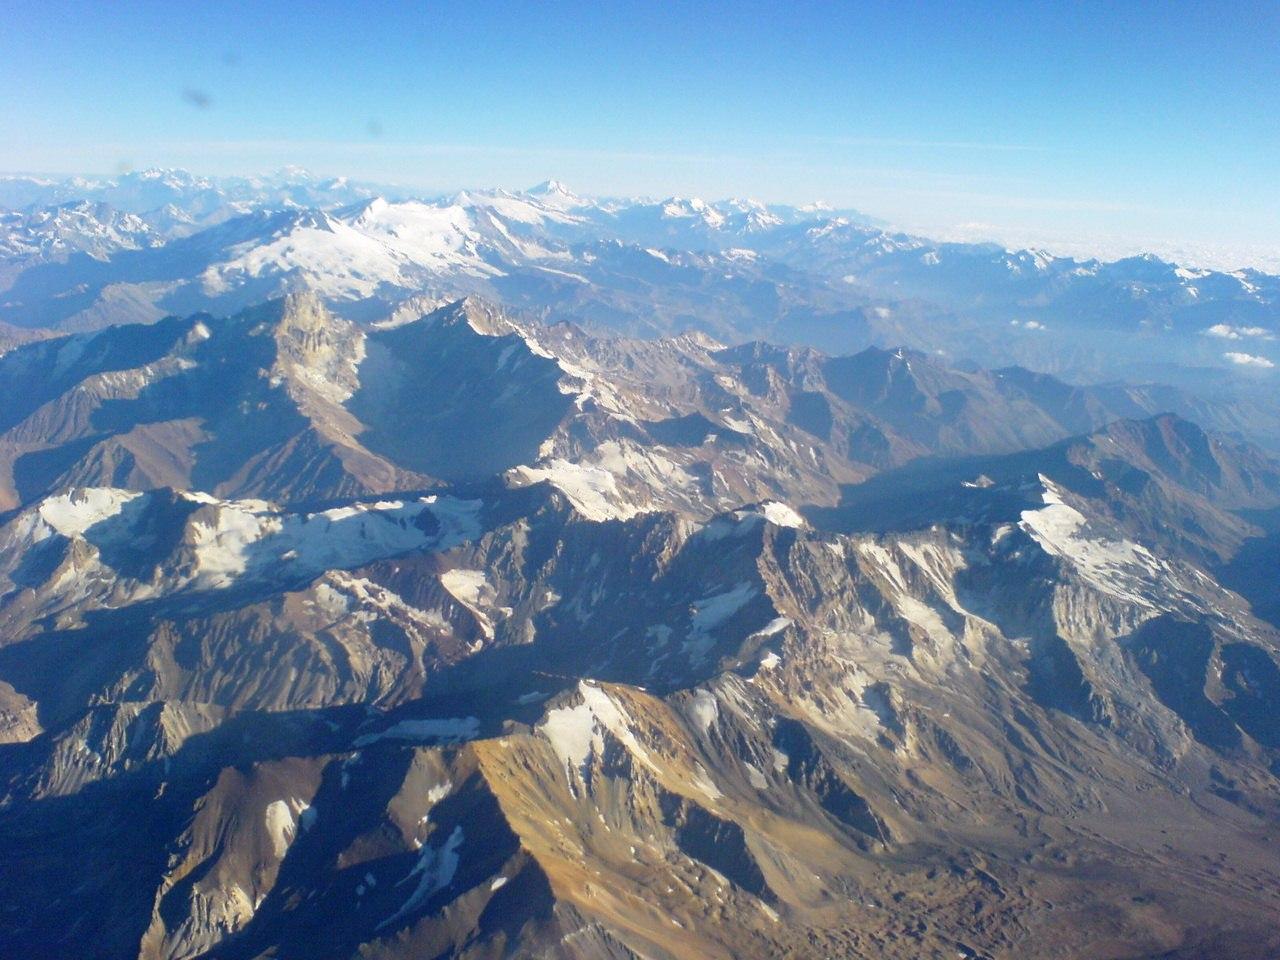 """""""Científicos logran determinar que la nieve de la Cordillera de Los Andes es tan limpia como la del Ártico canadiense"""""""